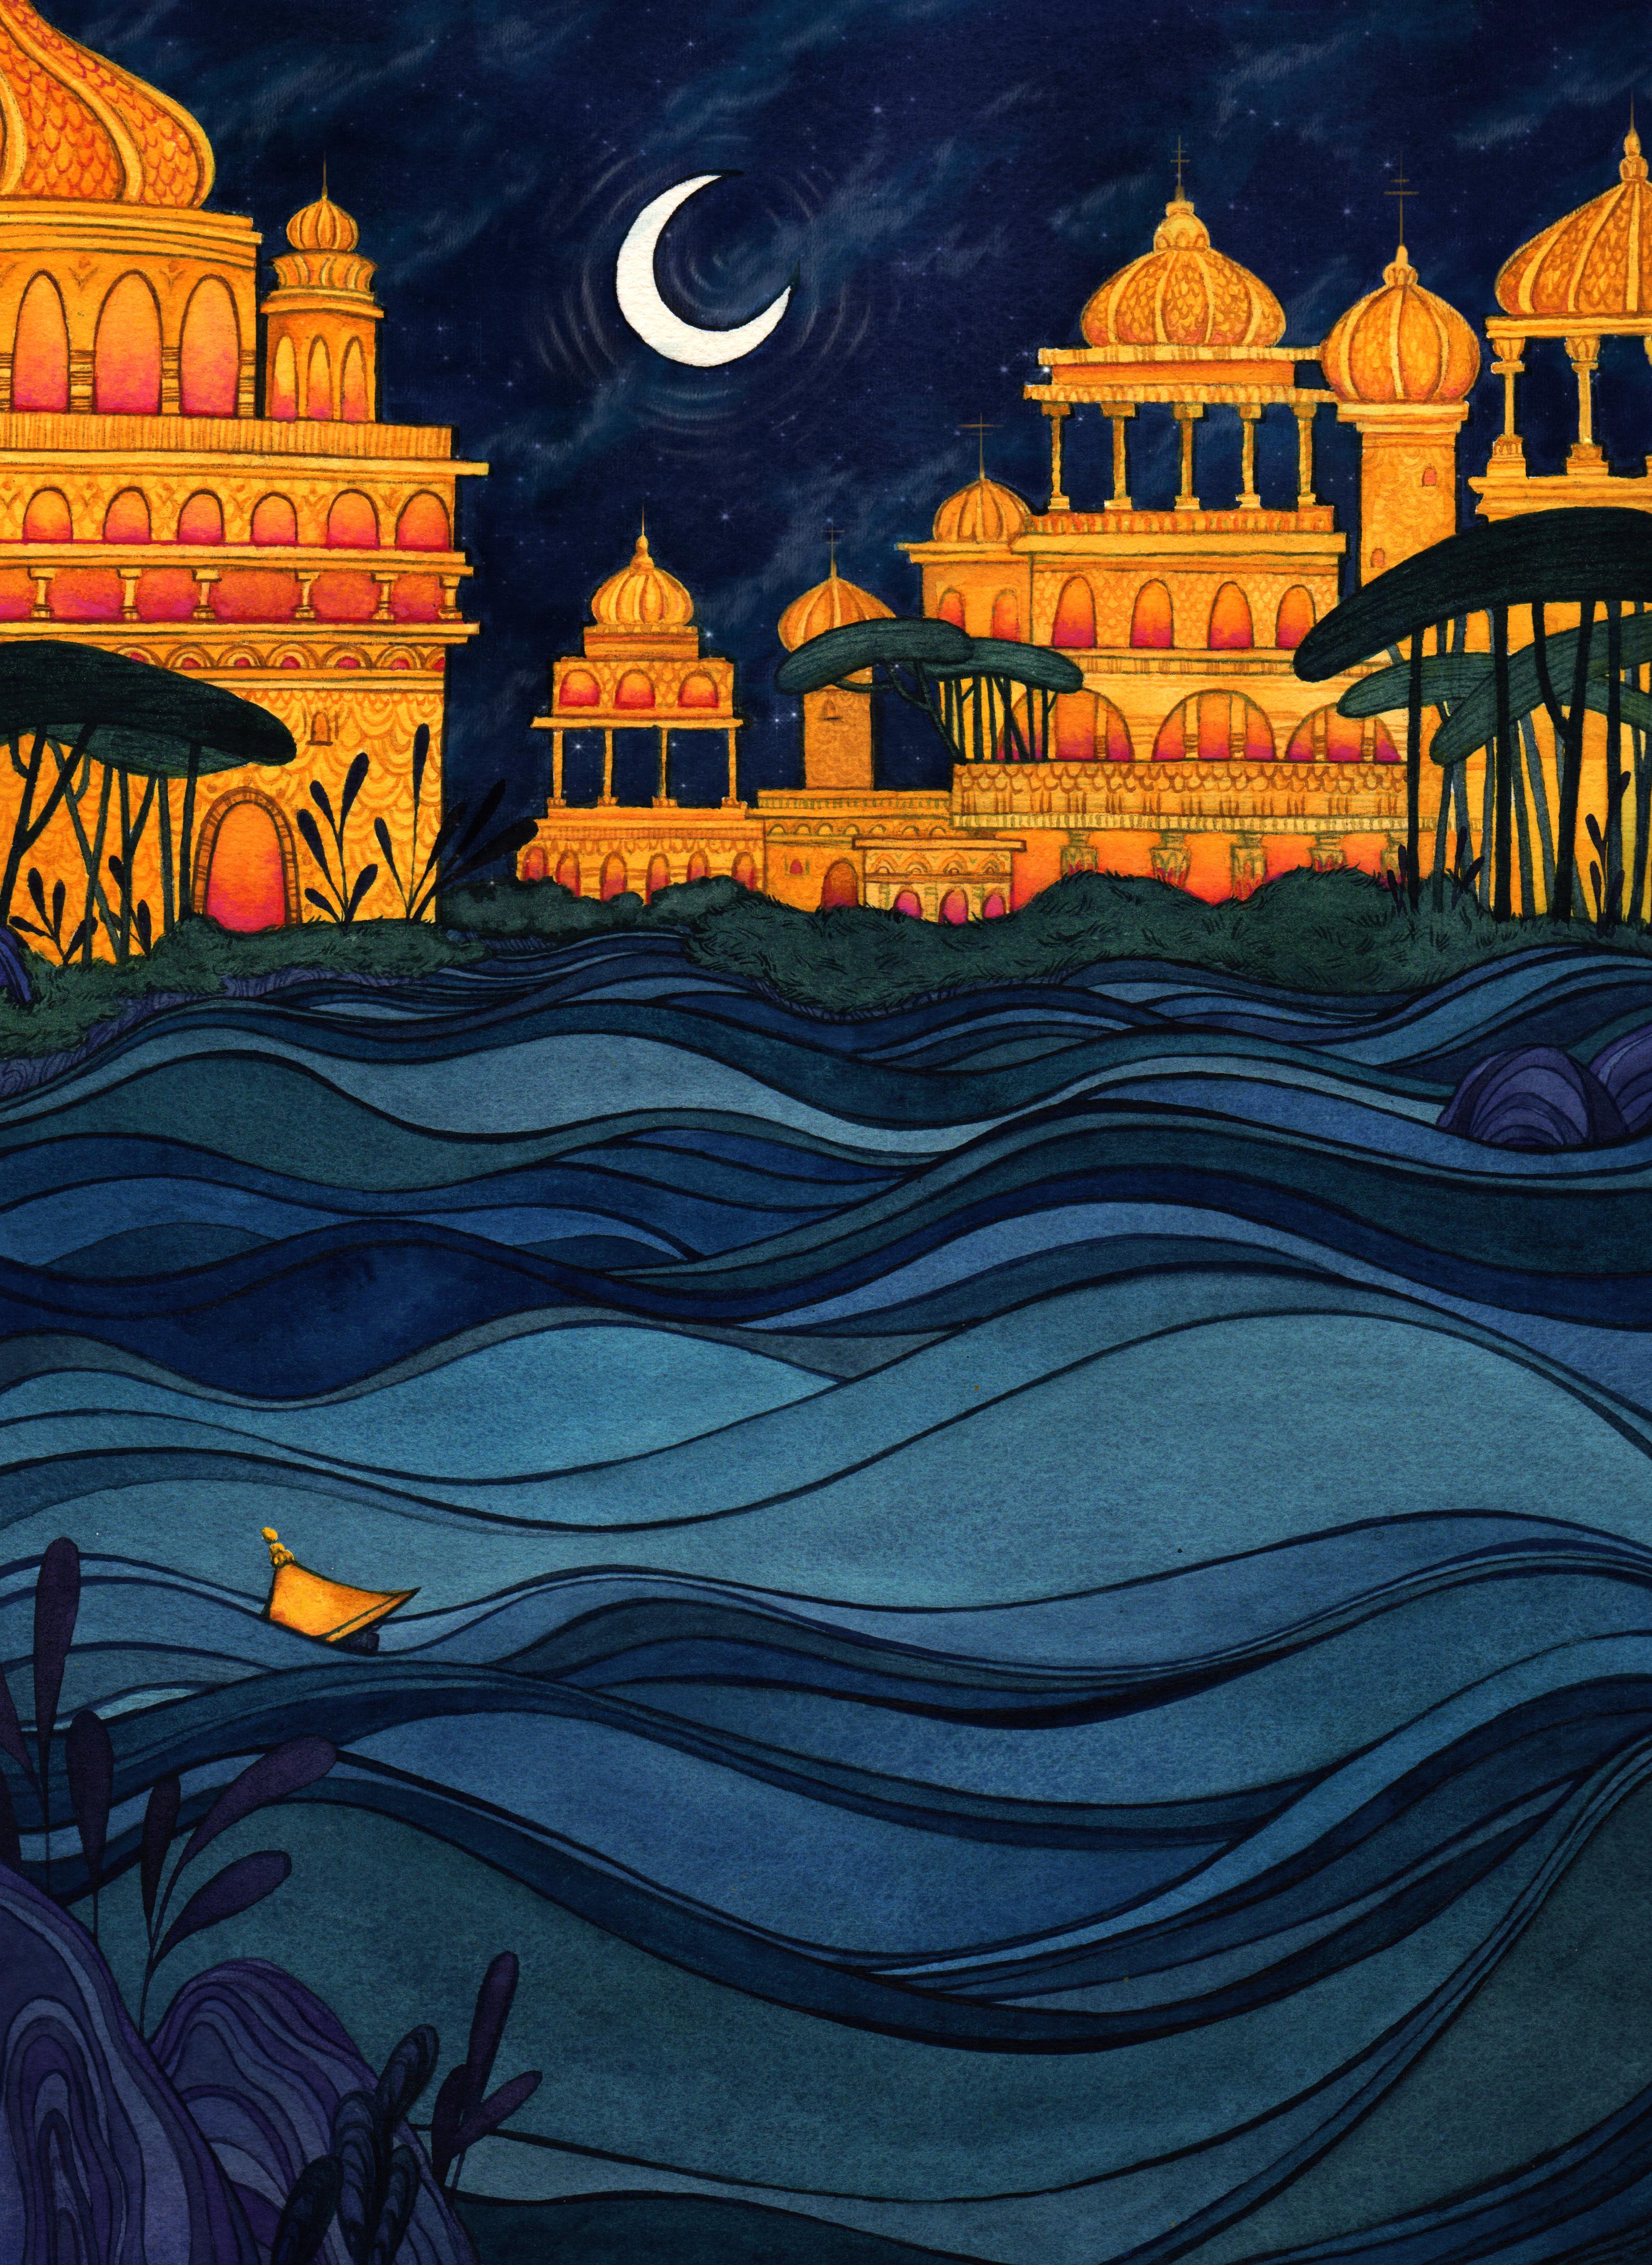 CITY LIGHTS MERMAID